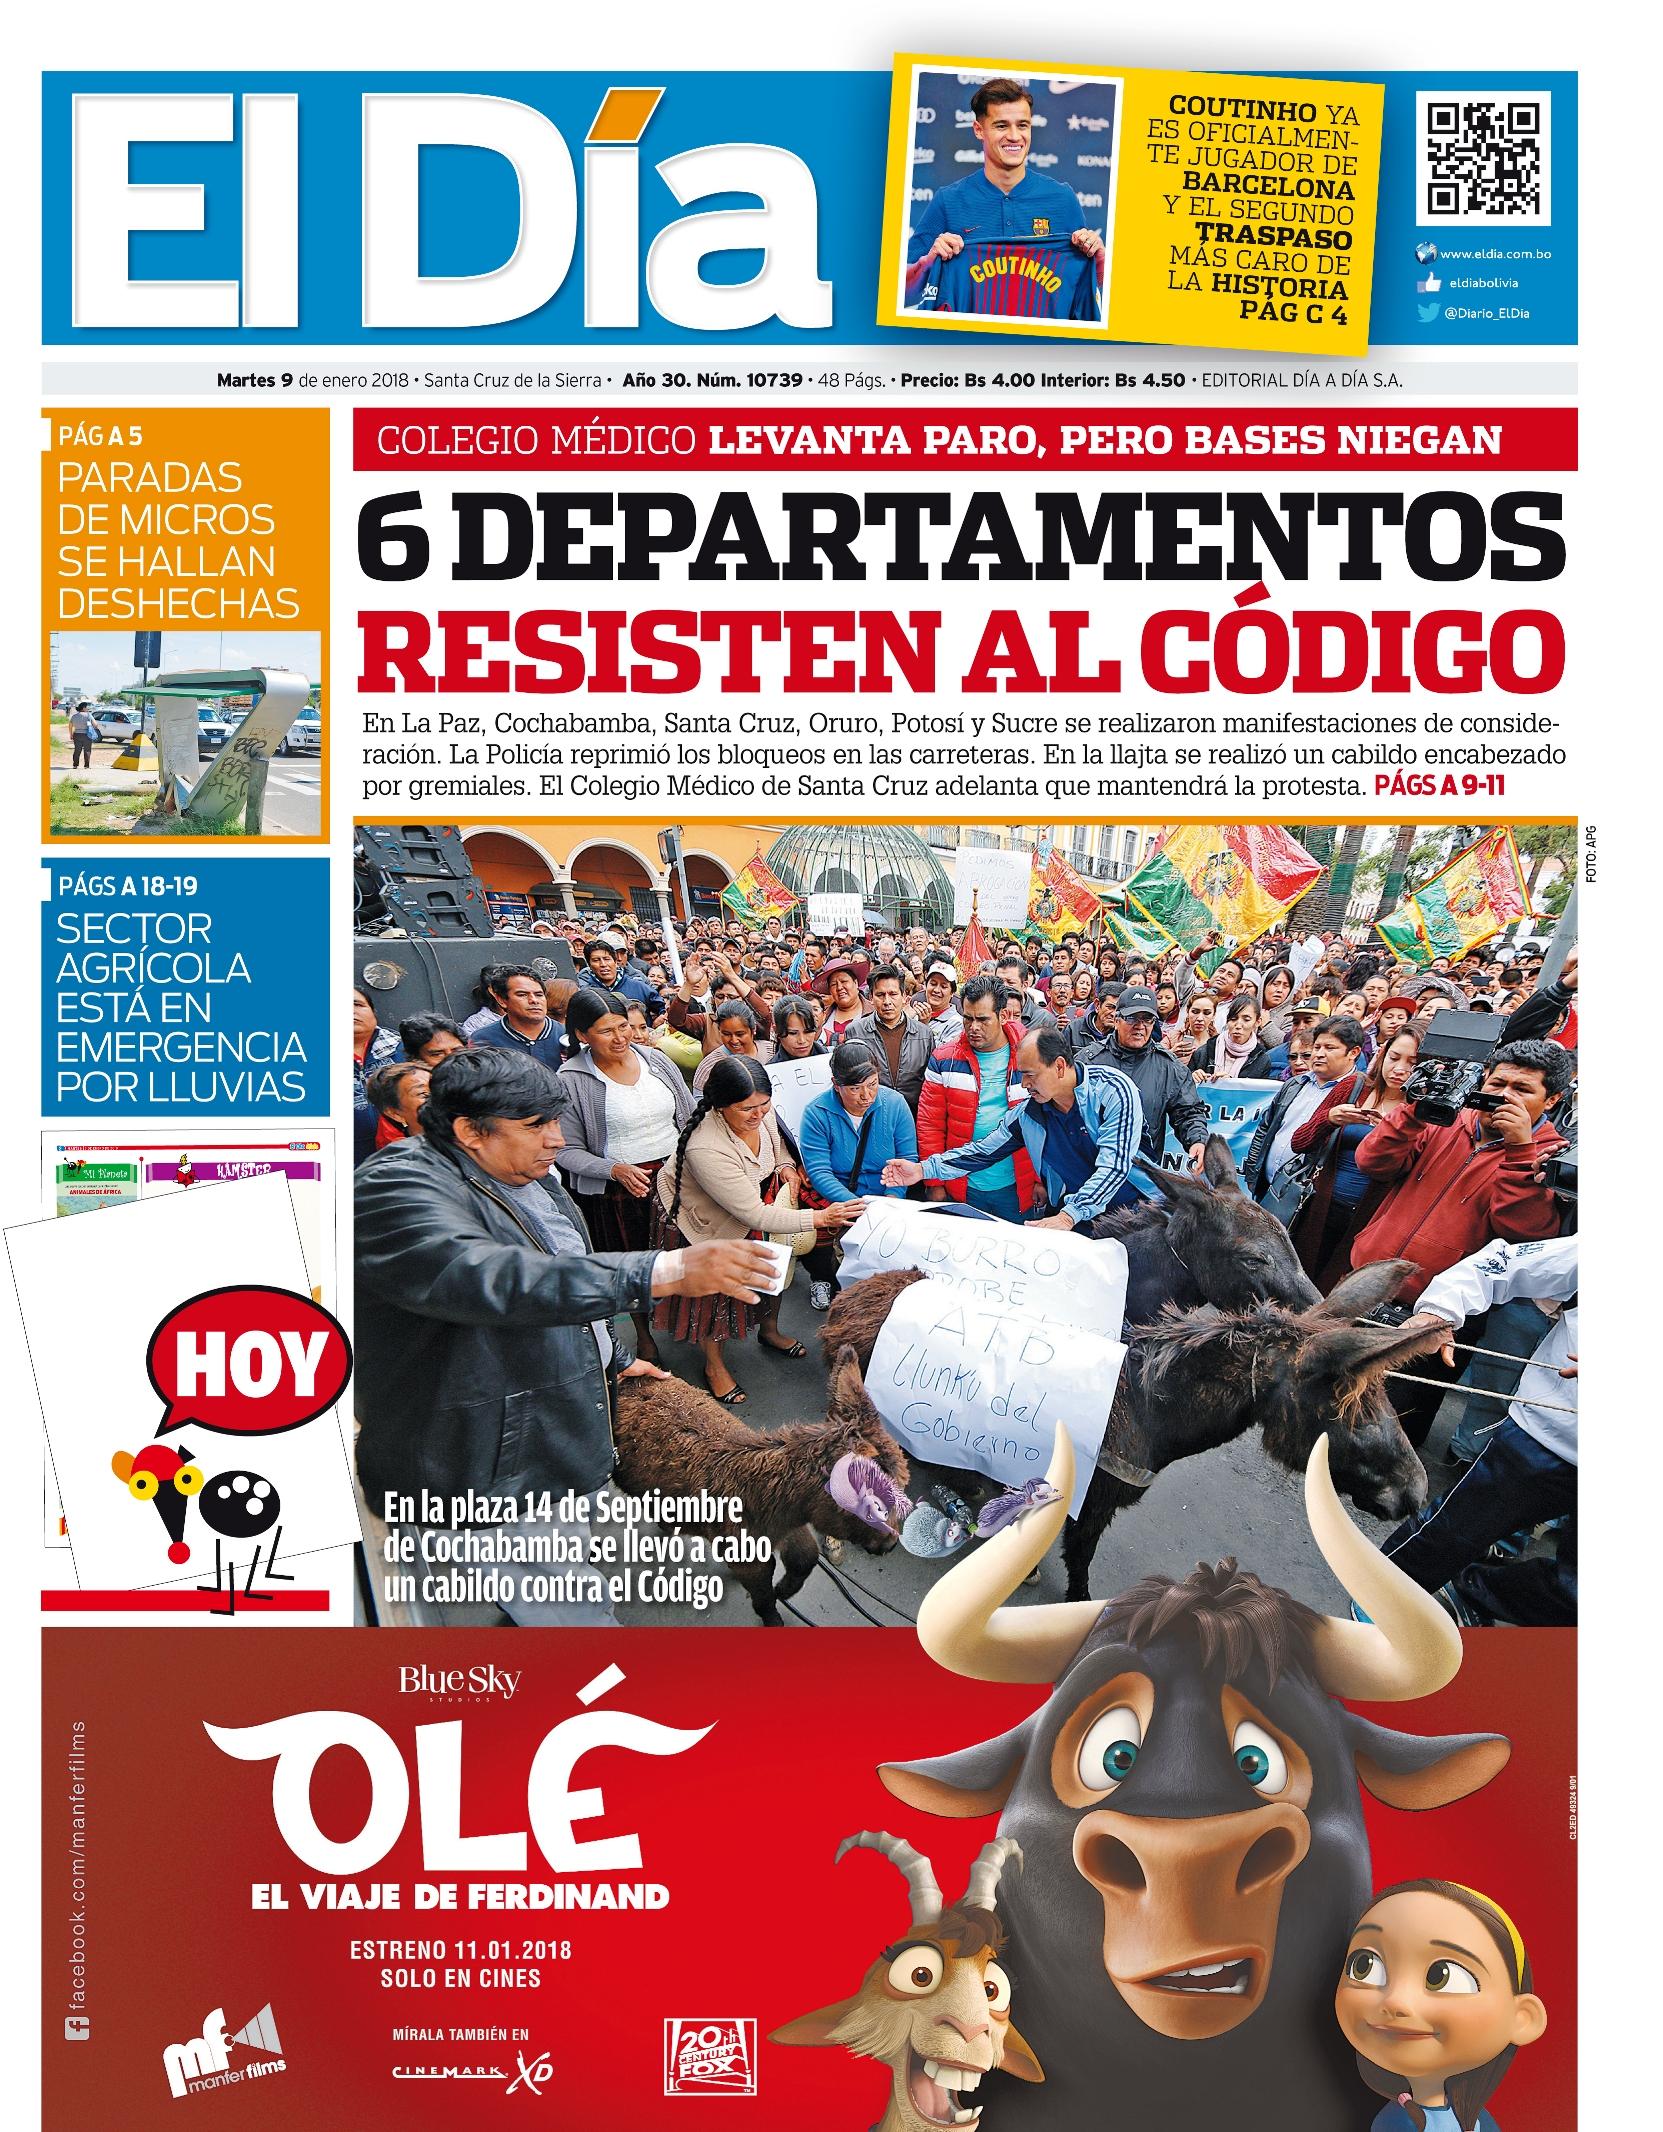 eldia.com_.bo5a54ab63ad99e.jpg